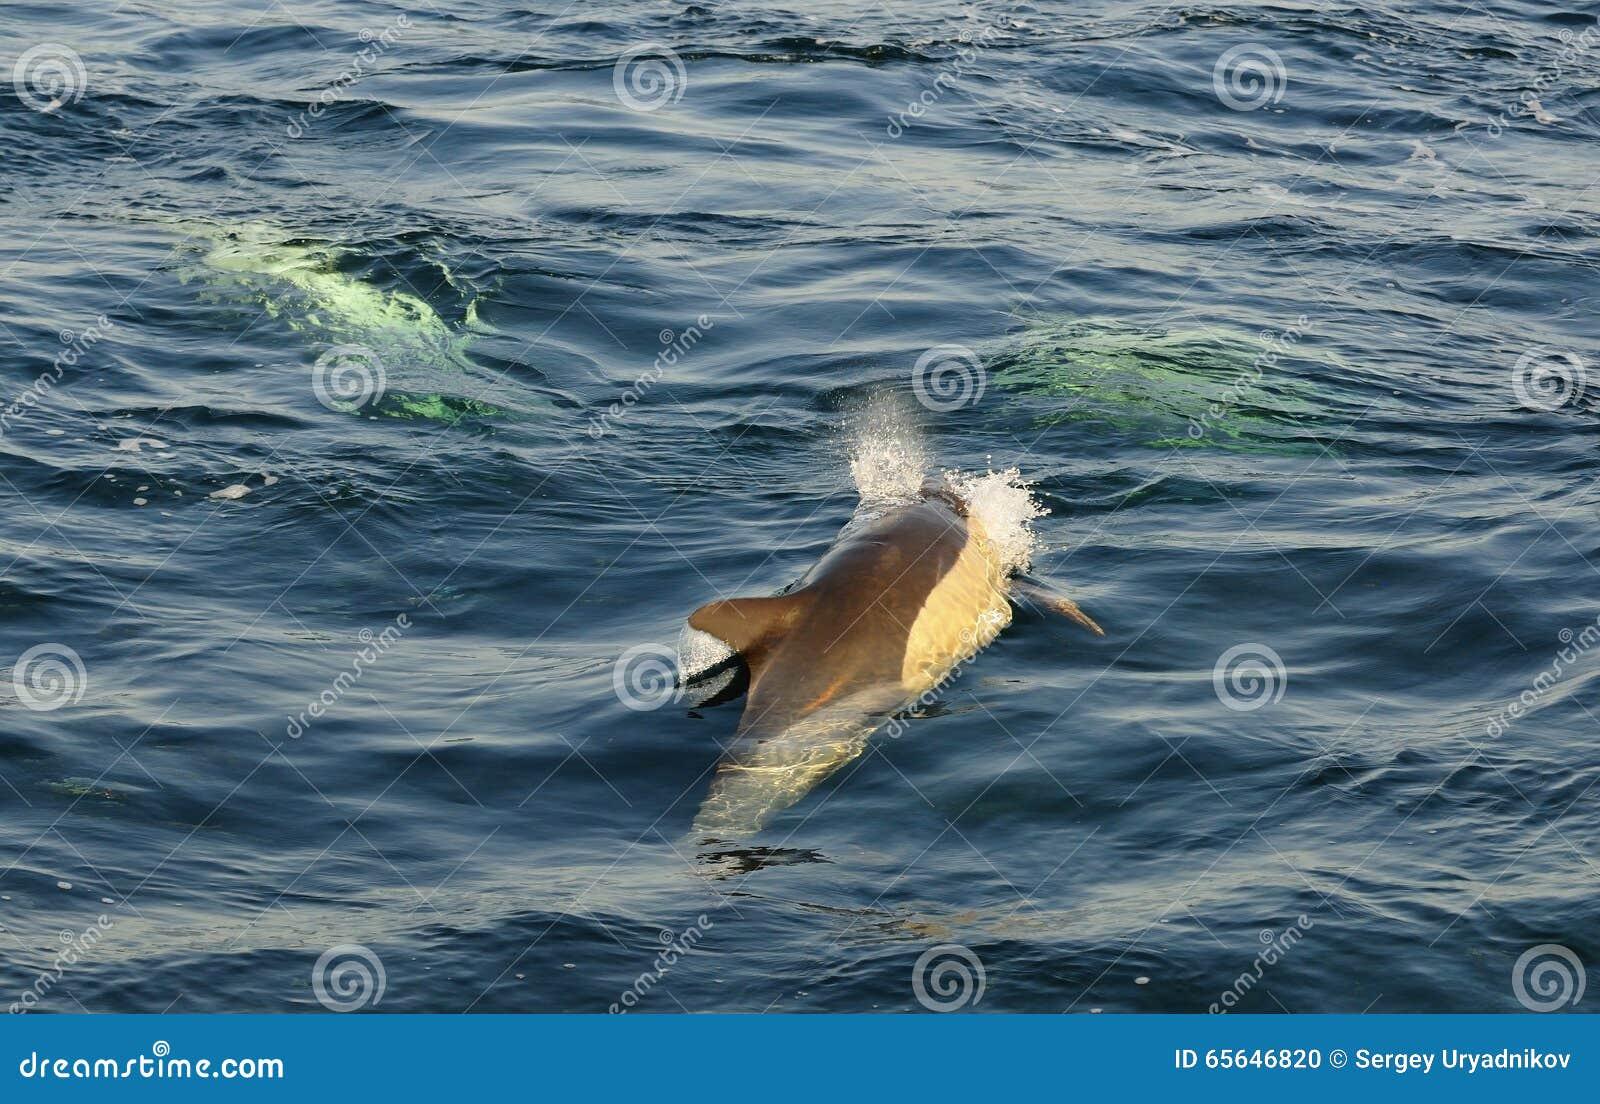 Groupe de dauphins, nageant dans l océan et chassant pour des poissons